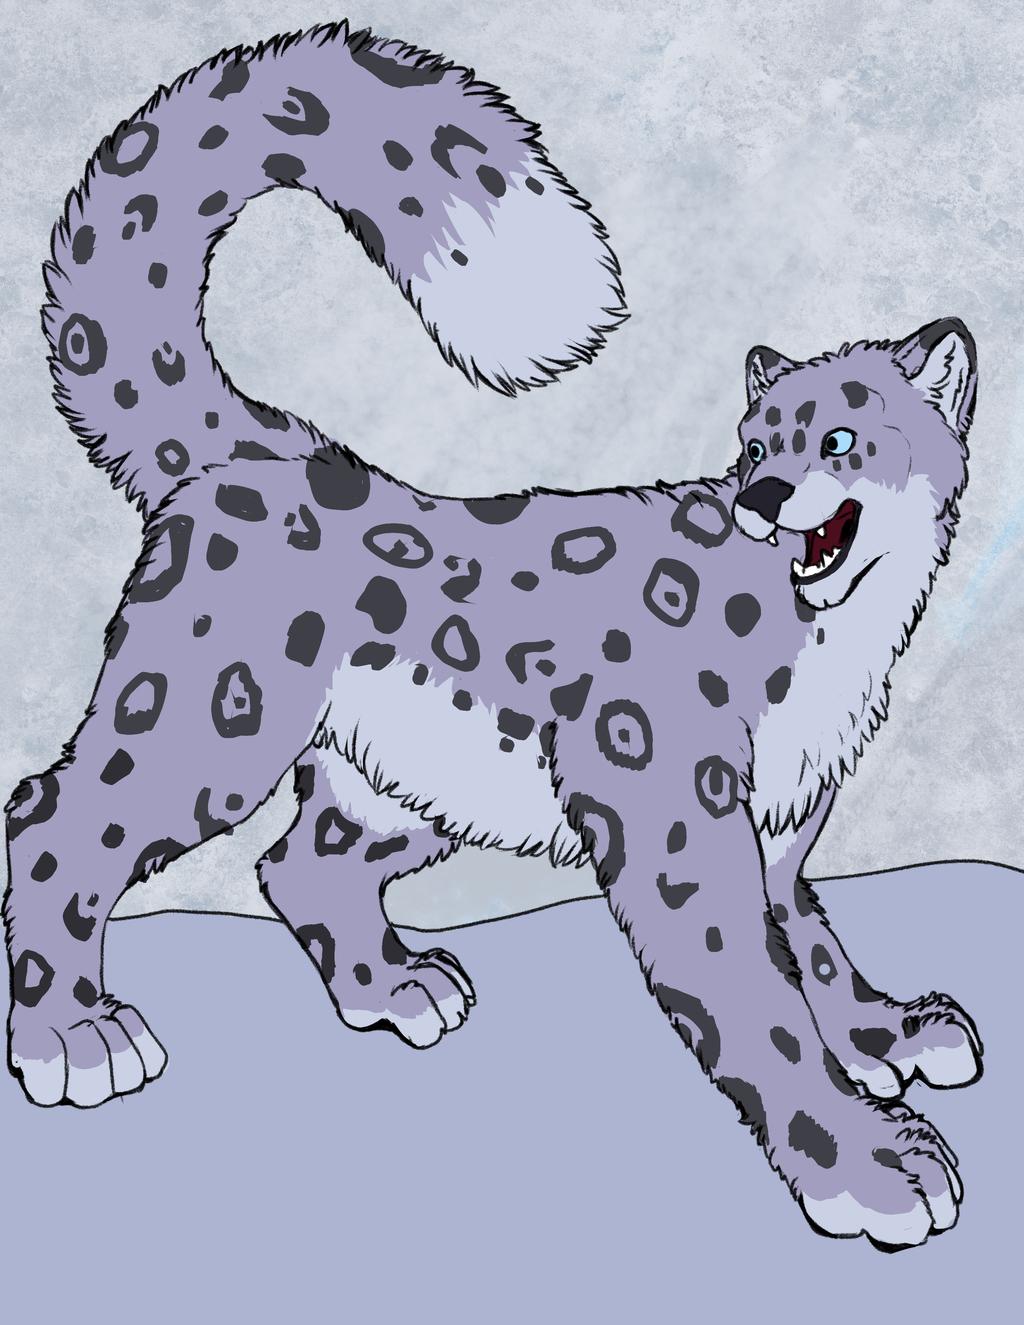 [Sequence]-Wereleopard 7/8